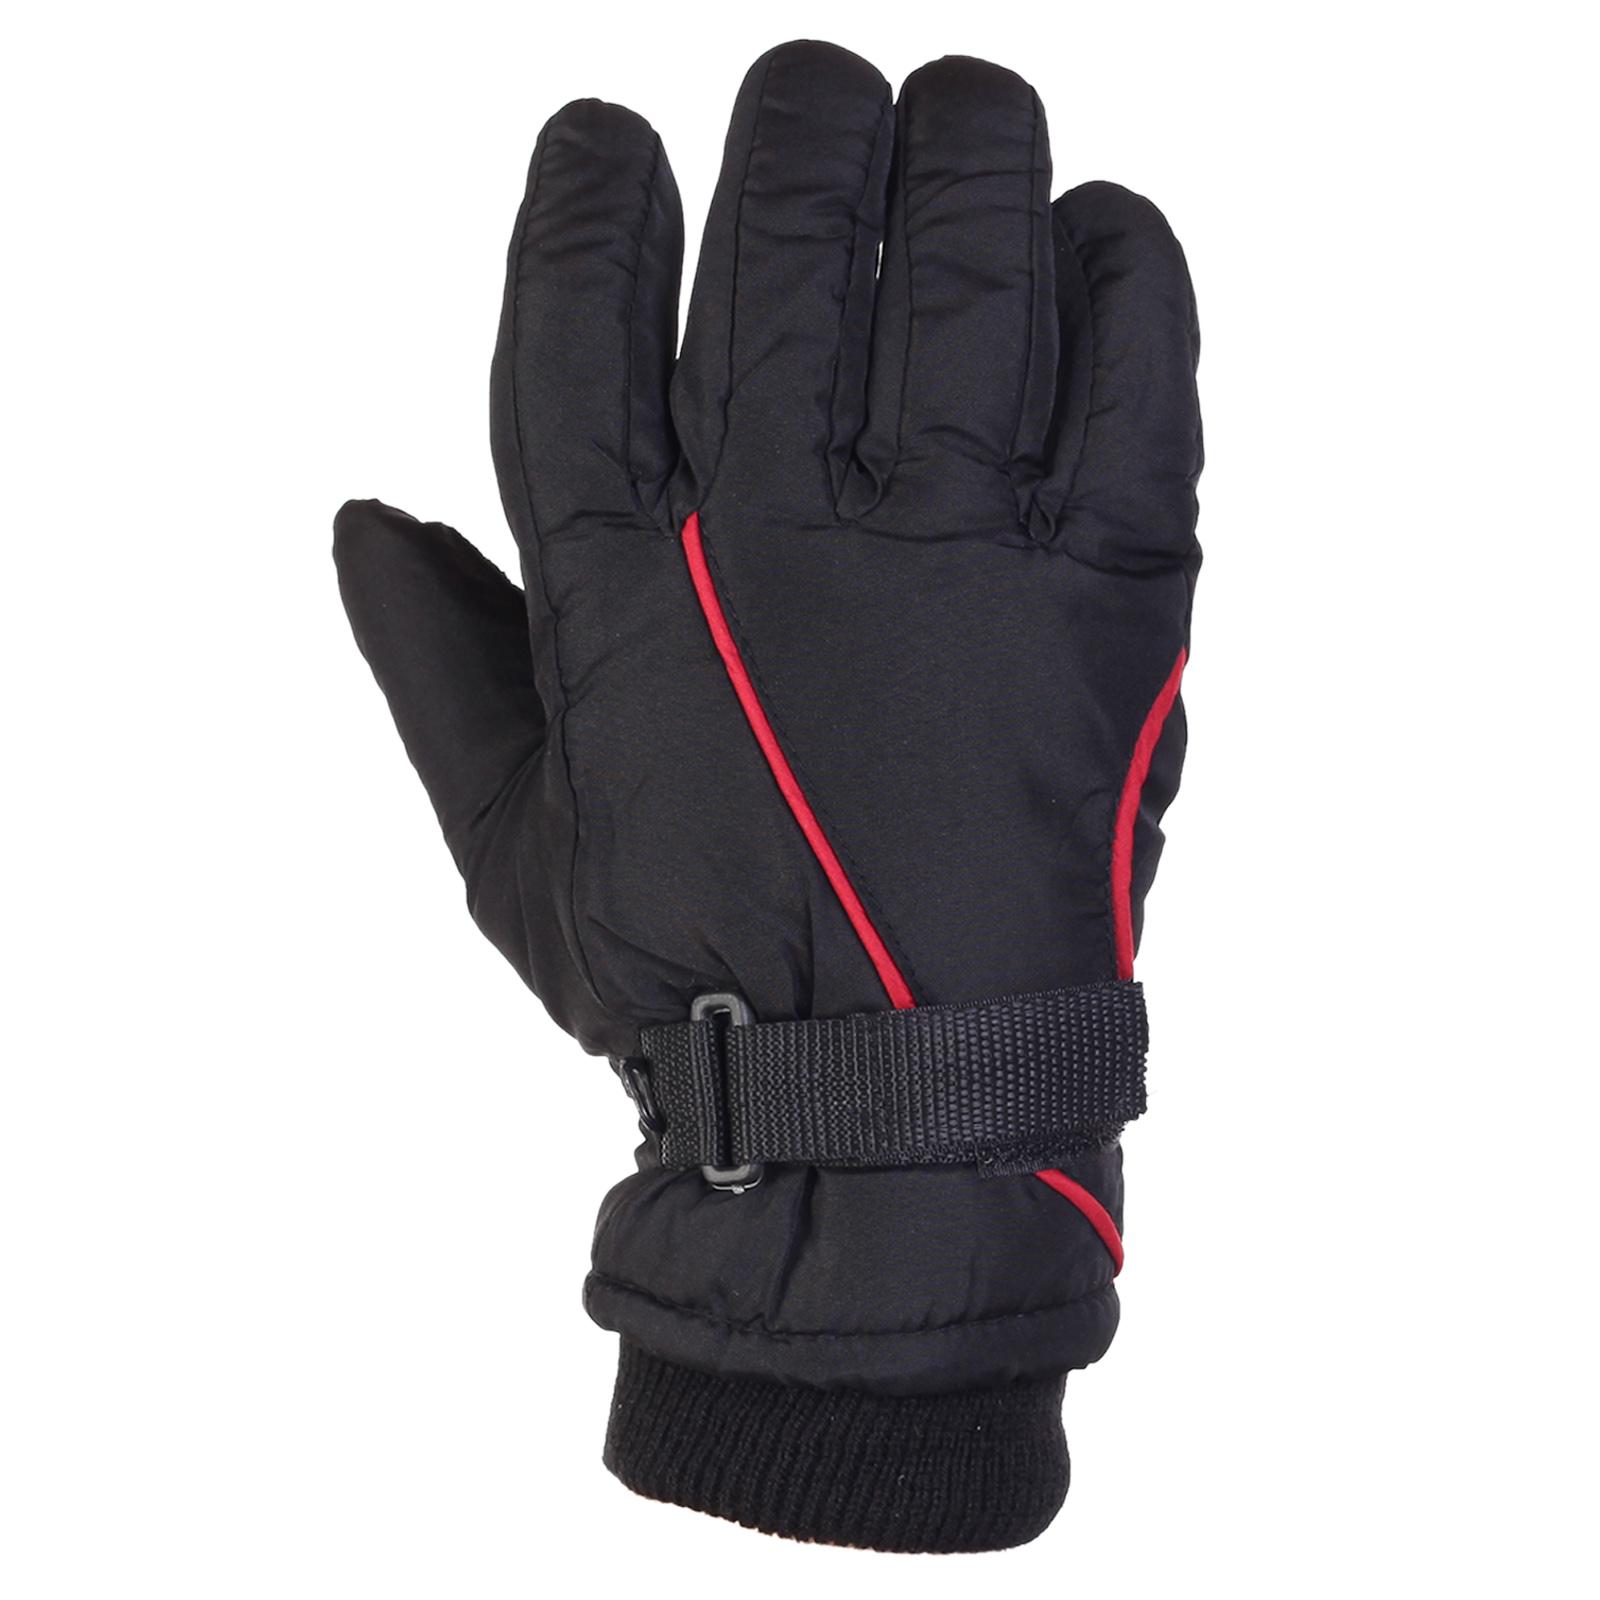 Мужские, женские и детские лыжные перчатки по супер цене